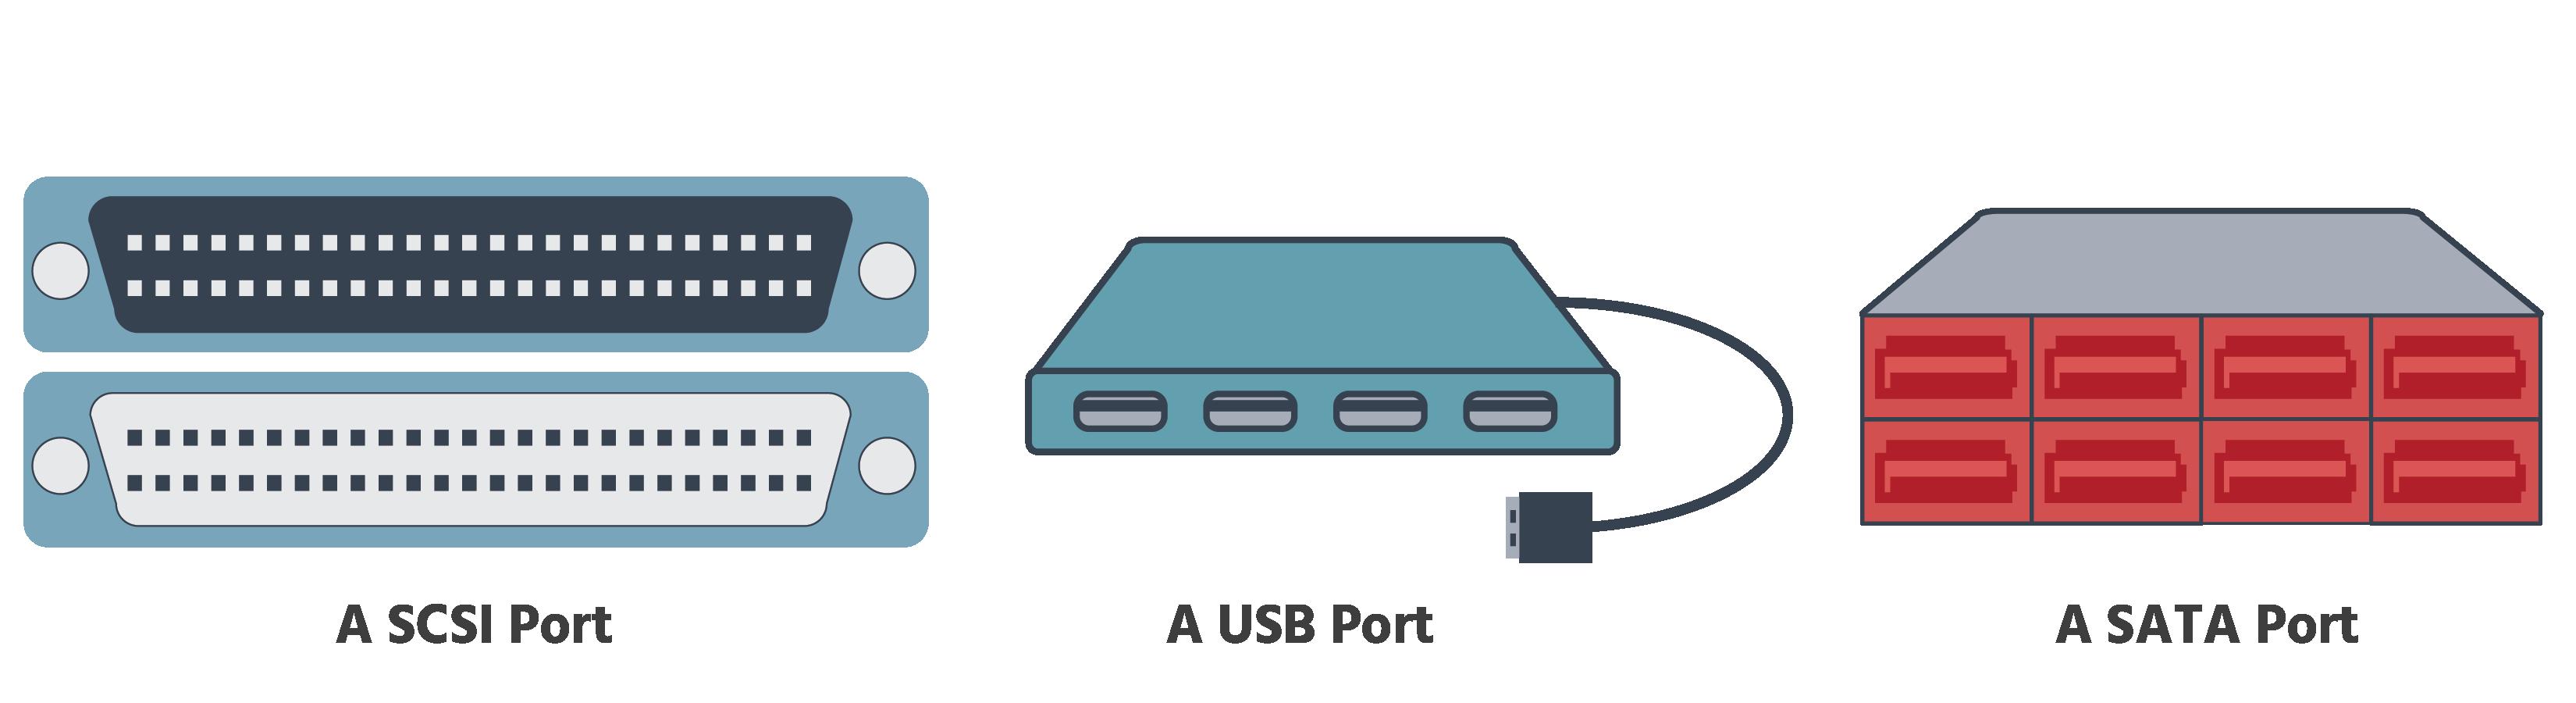 2 SCSI connectors, 4 USB ports and a USB connector and 8 SATA ports